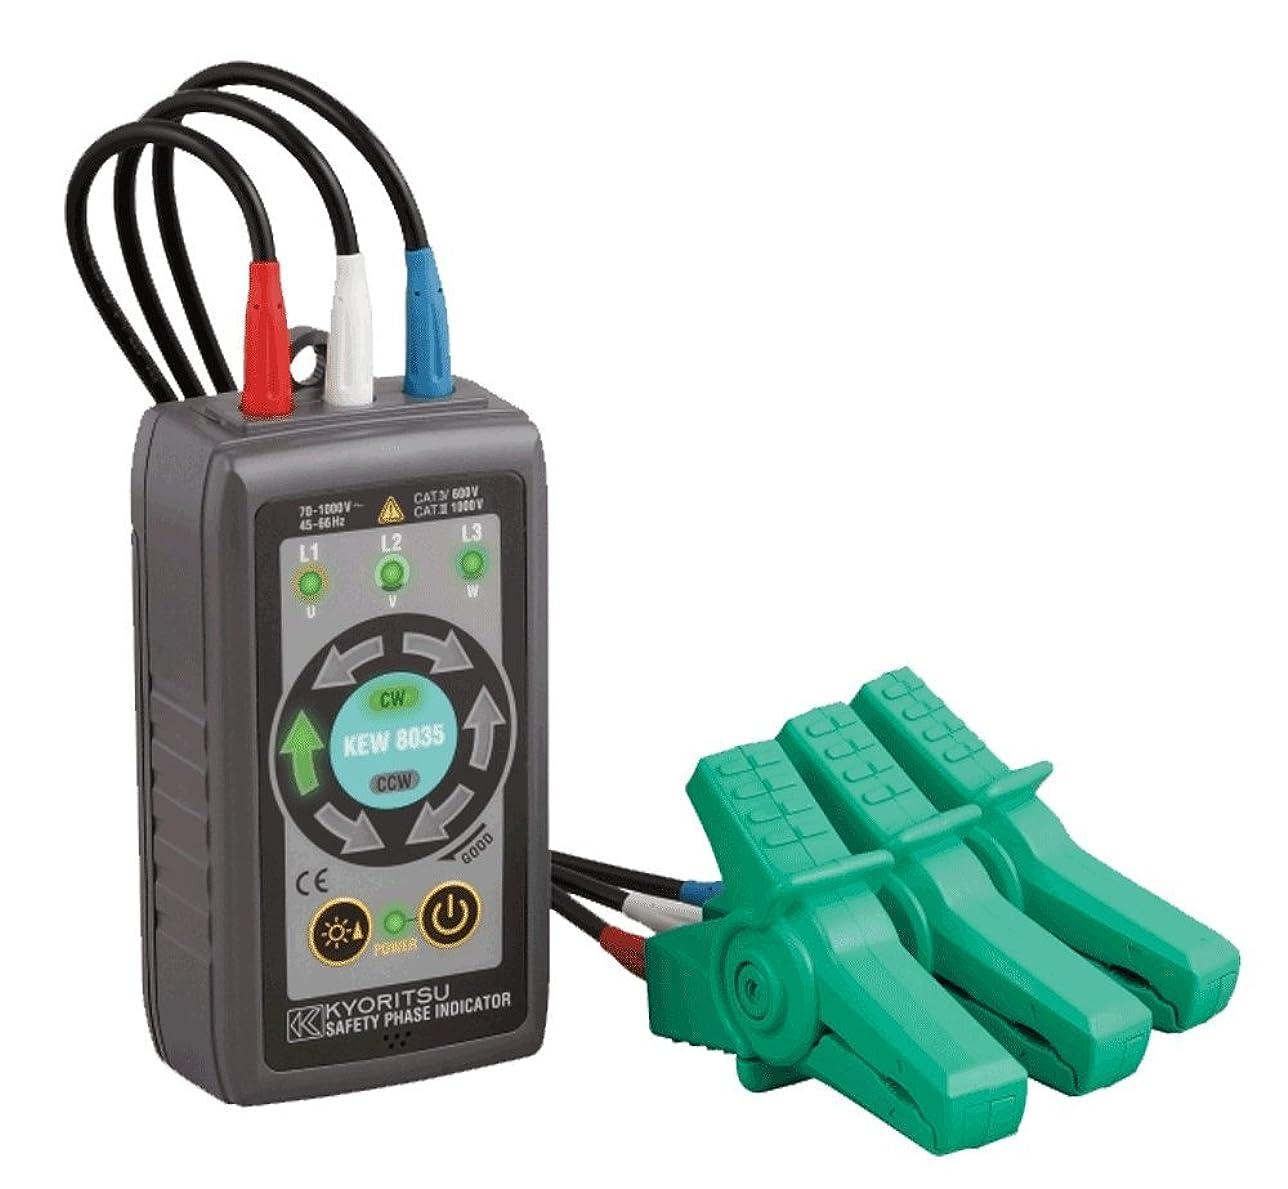 除外する芝生トーナメント共立電気計器 (KYORITSU) 8035 非接触検相器